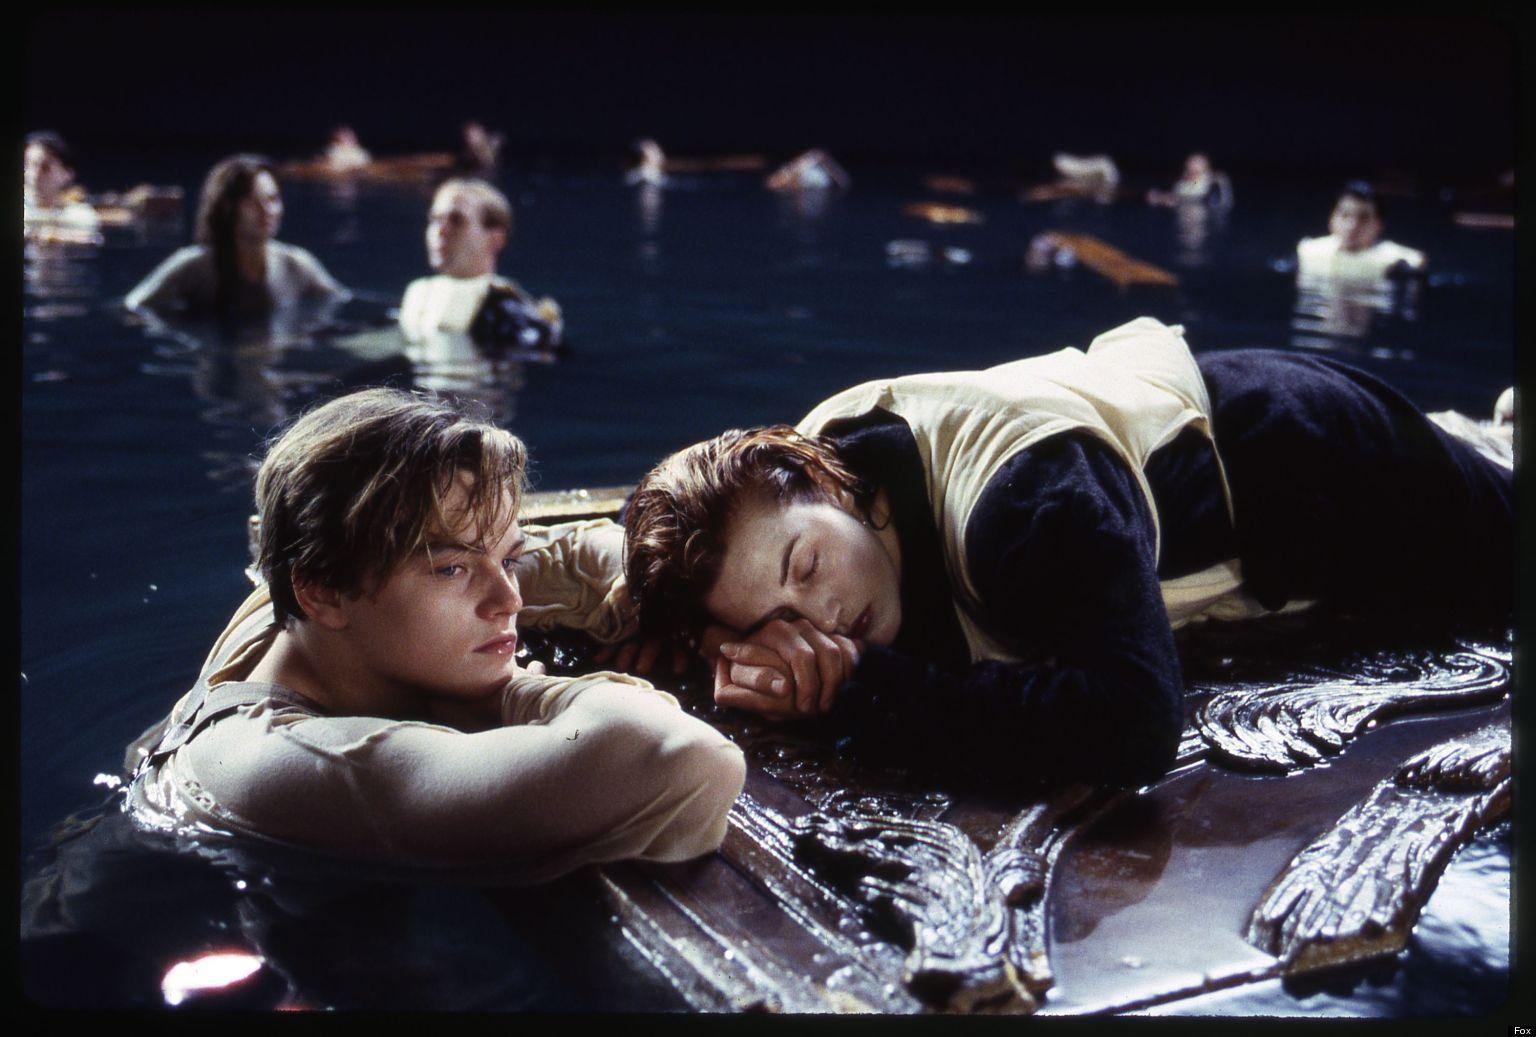 Лео и Кейт в съёмках финальной сцены.